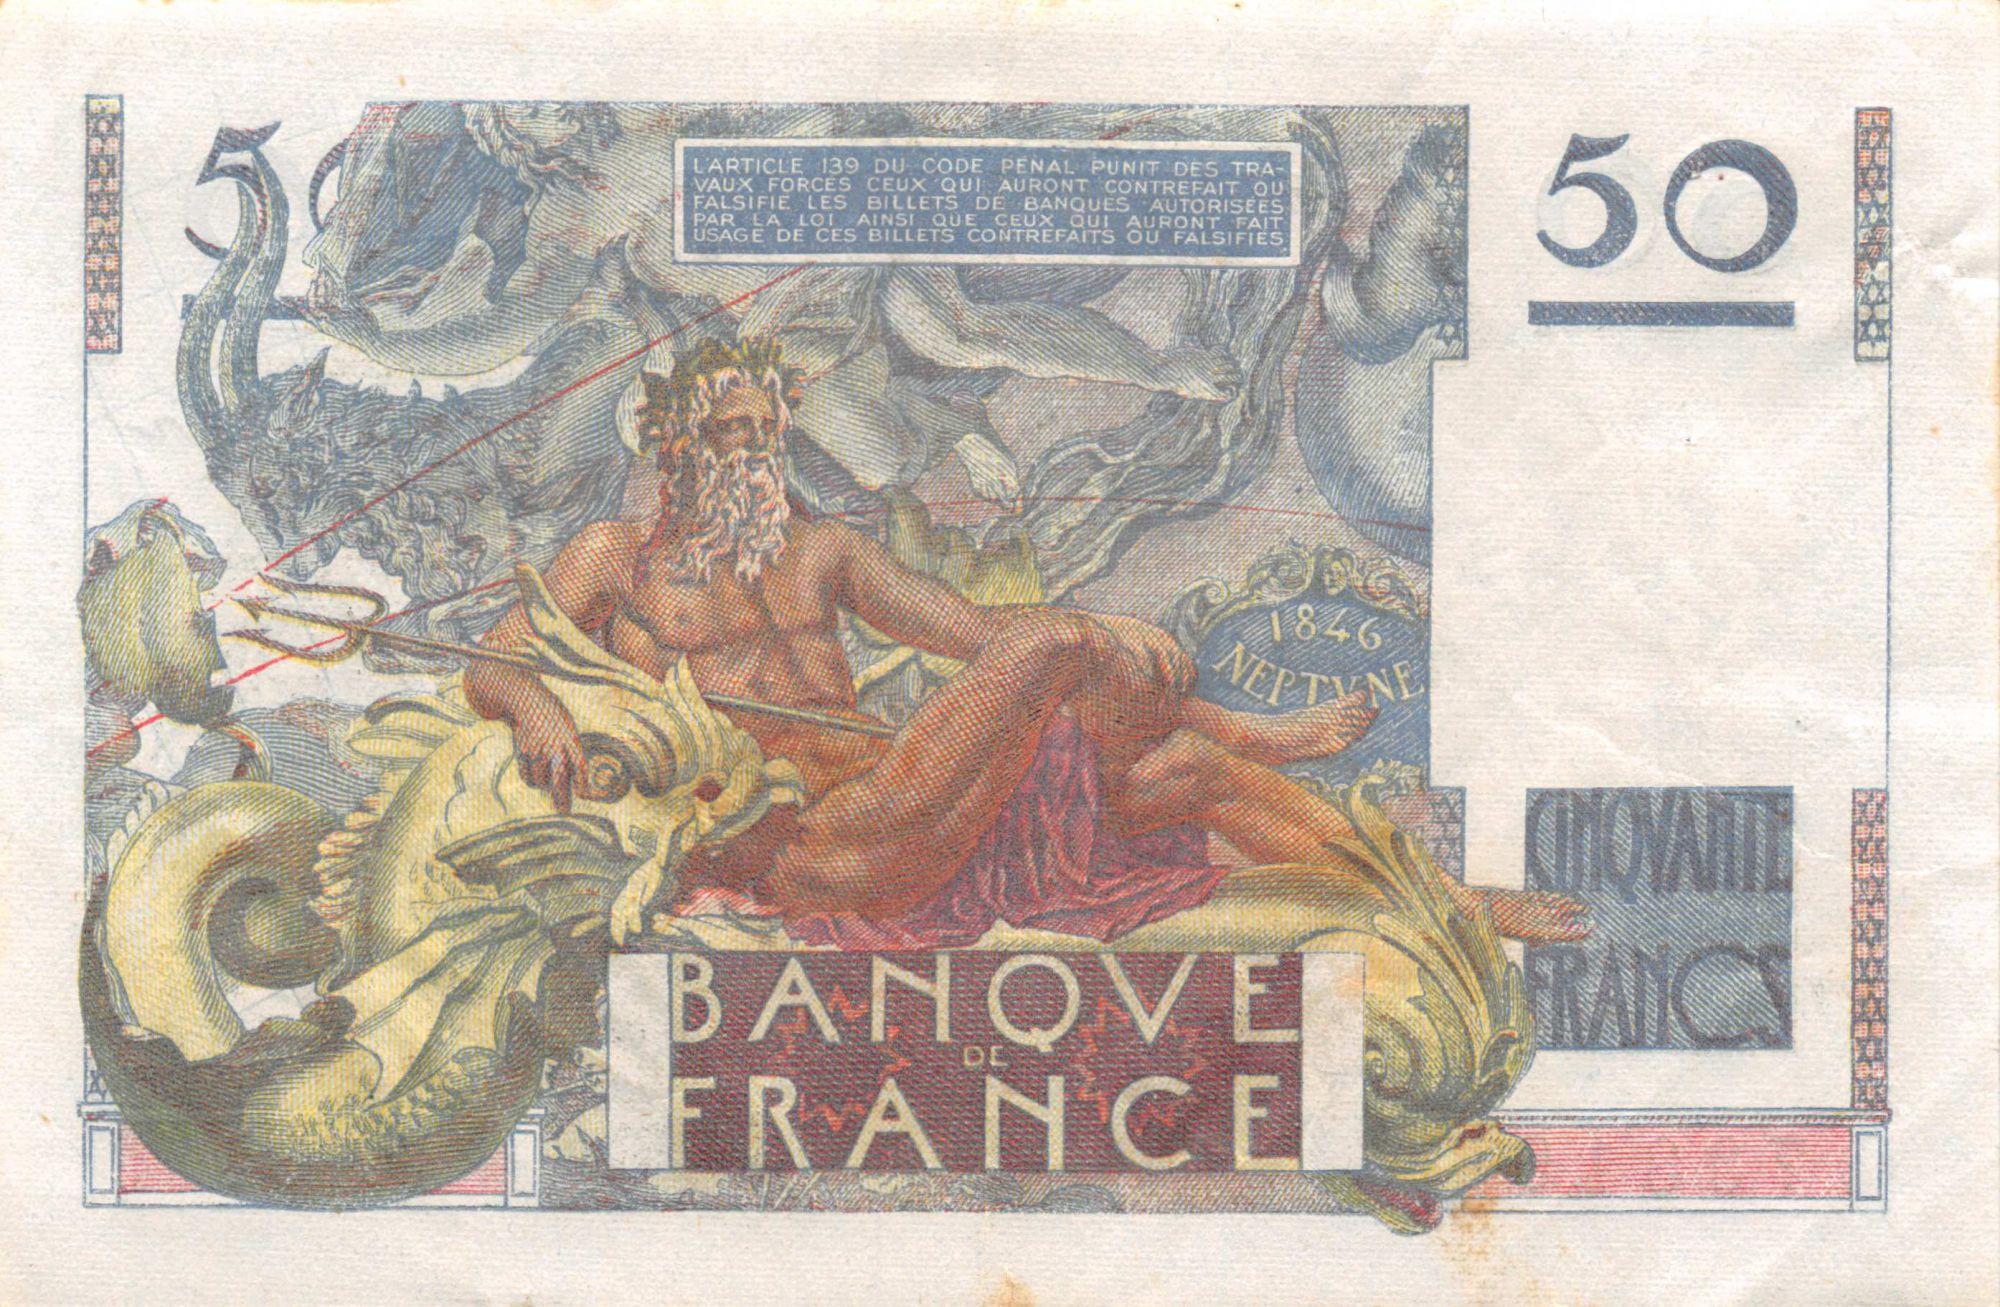 France 50 Francs - Le Verrier 24-08-1950 - Série P.164 - TTB